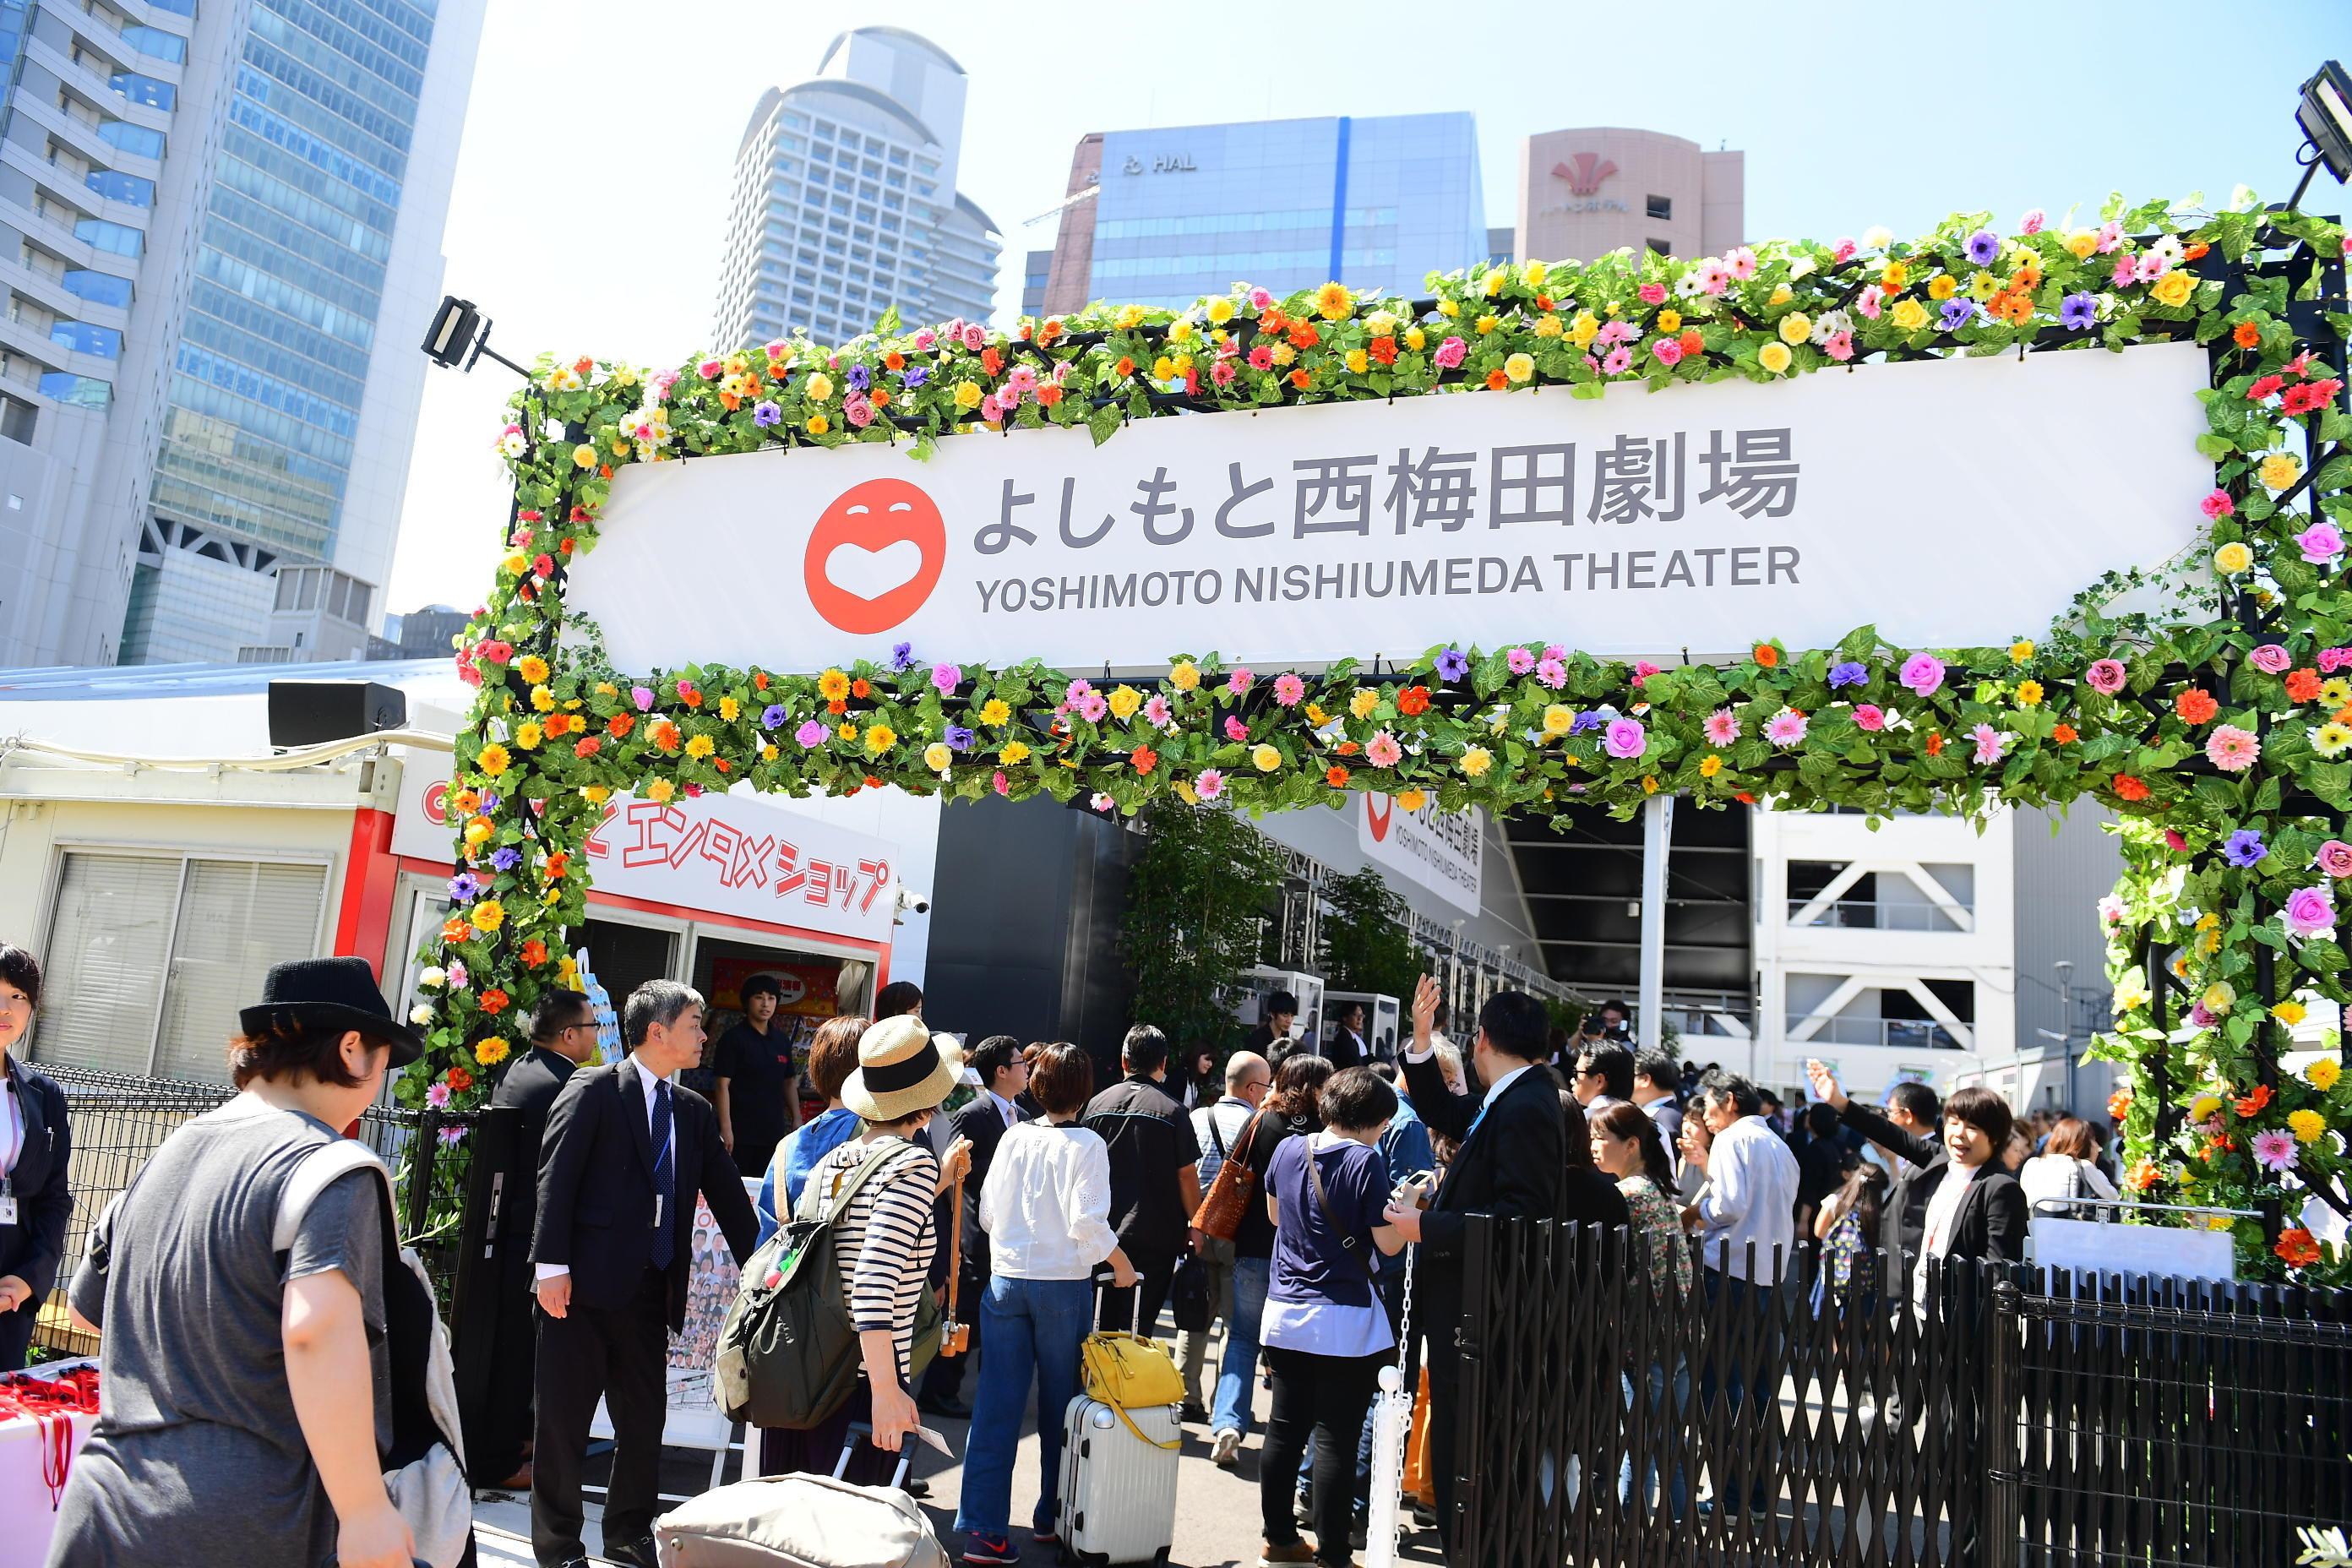 http://news.yoshimoto.co.jp/20170925161217-09b6d4d0eb336e58325a581a58bff619fd3a57e1.jpg